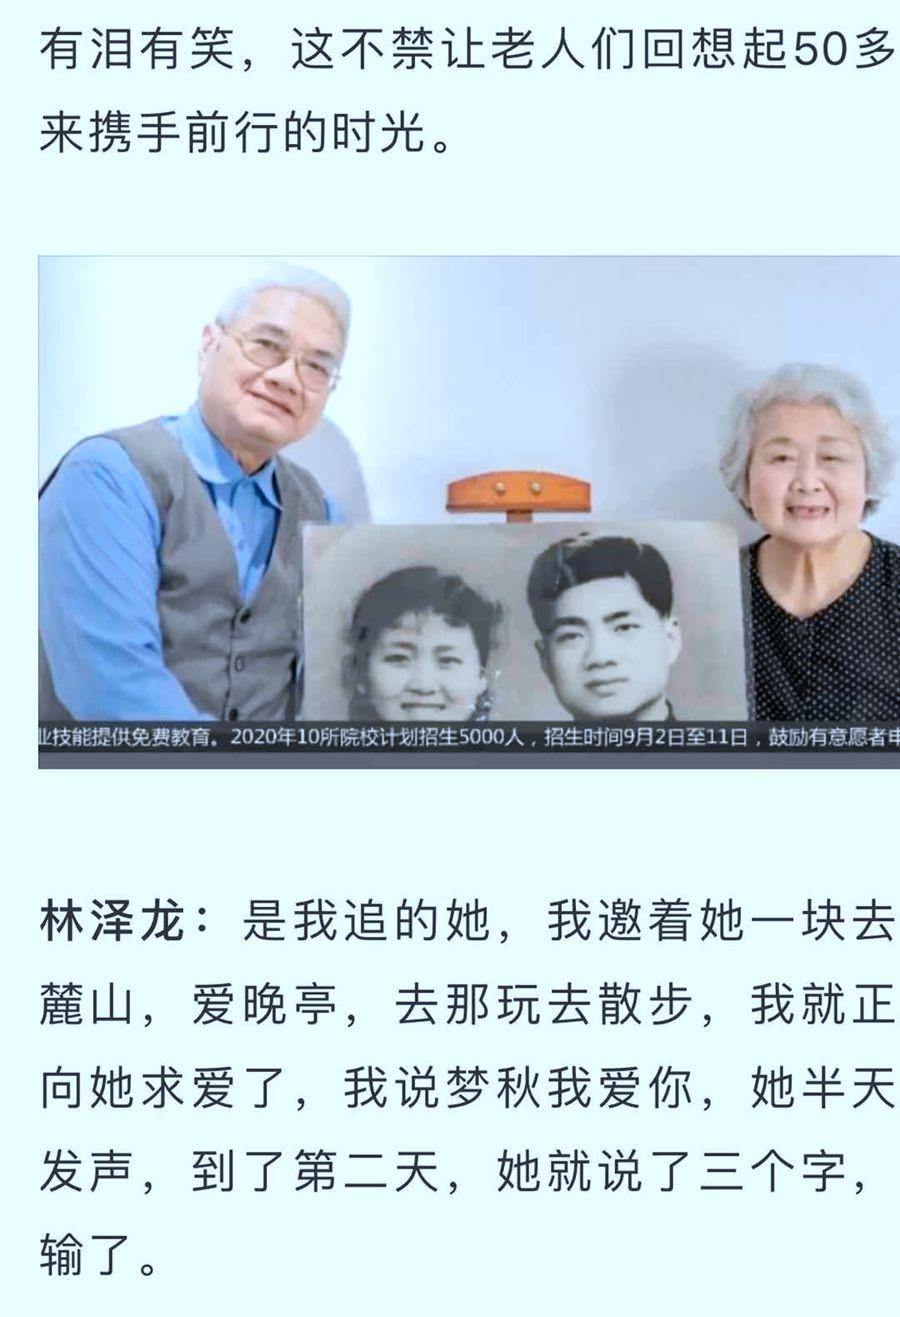 【小虫摄影】七夕节的楷模。中文网网友林泽龙先生_图1-4